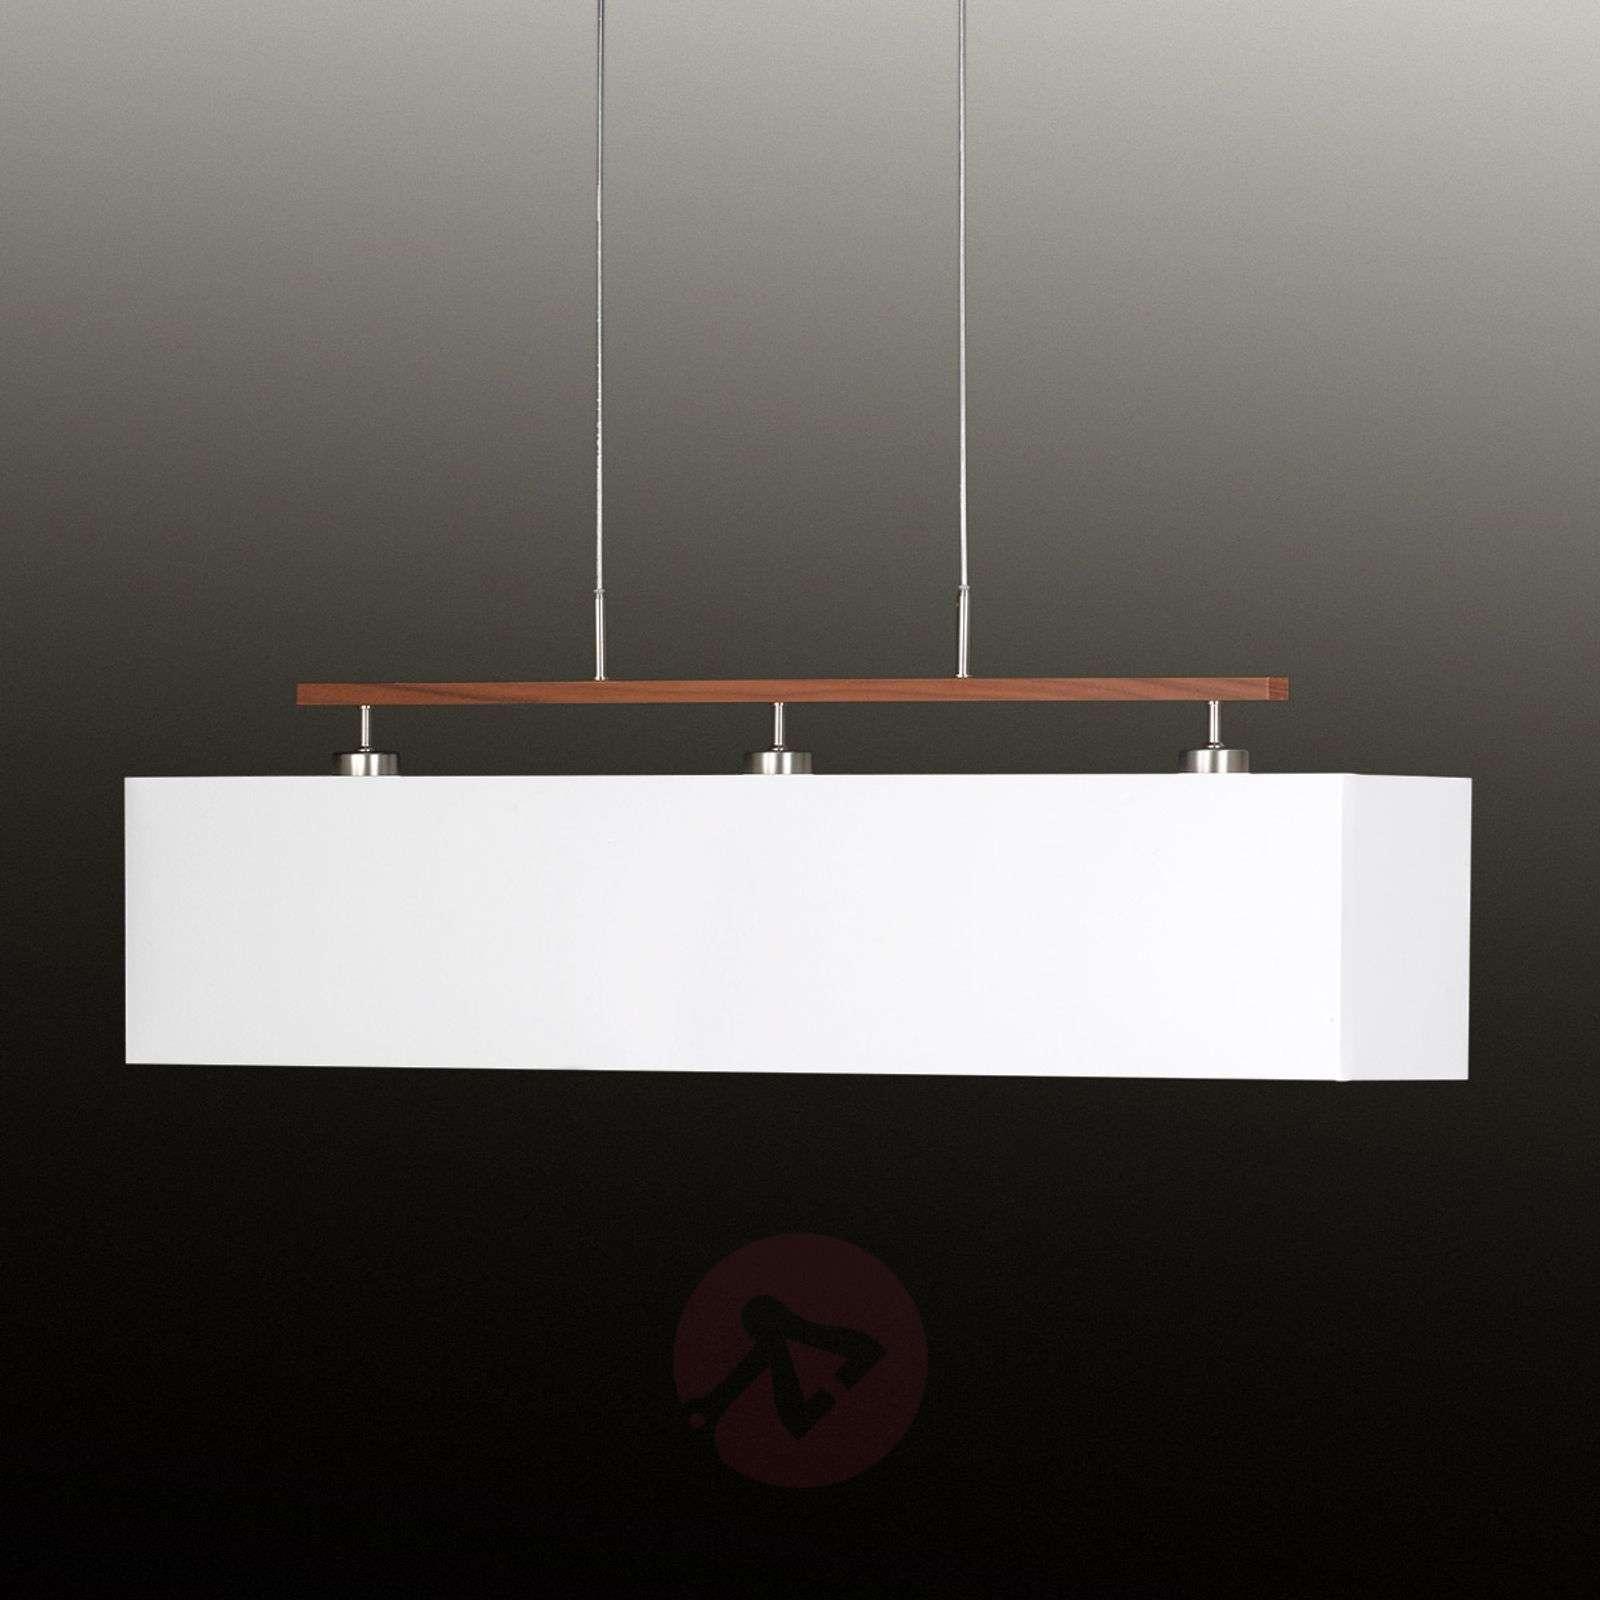 Appealing textile pendant lamp Casta white-4581040-02